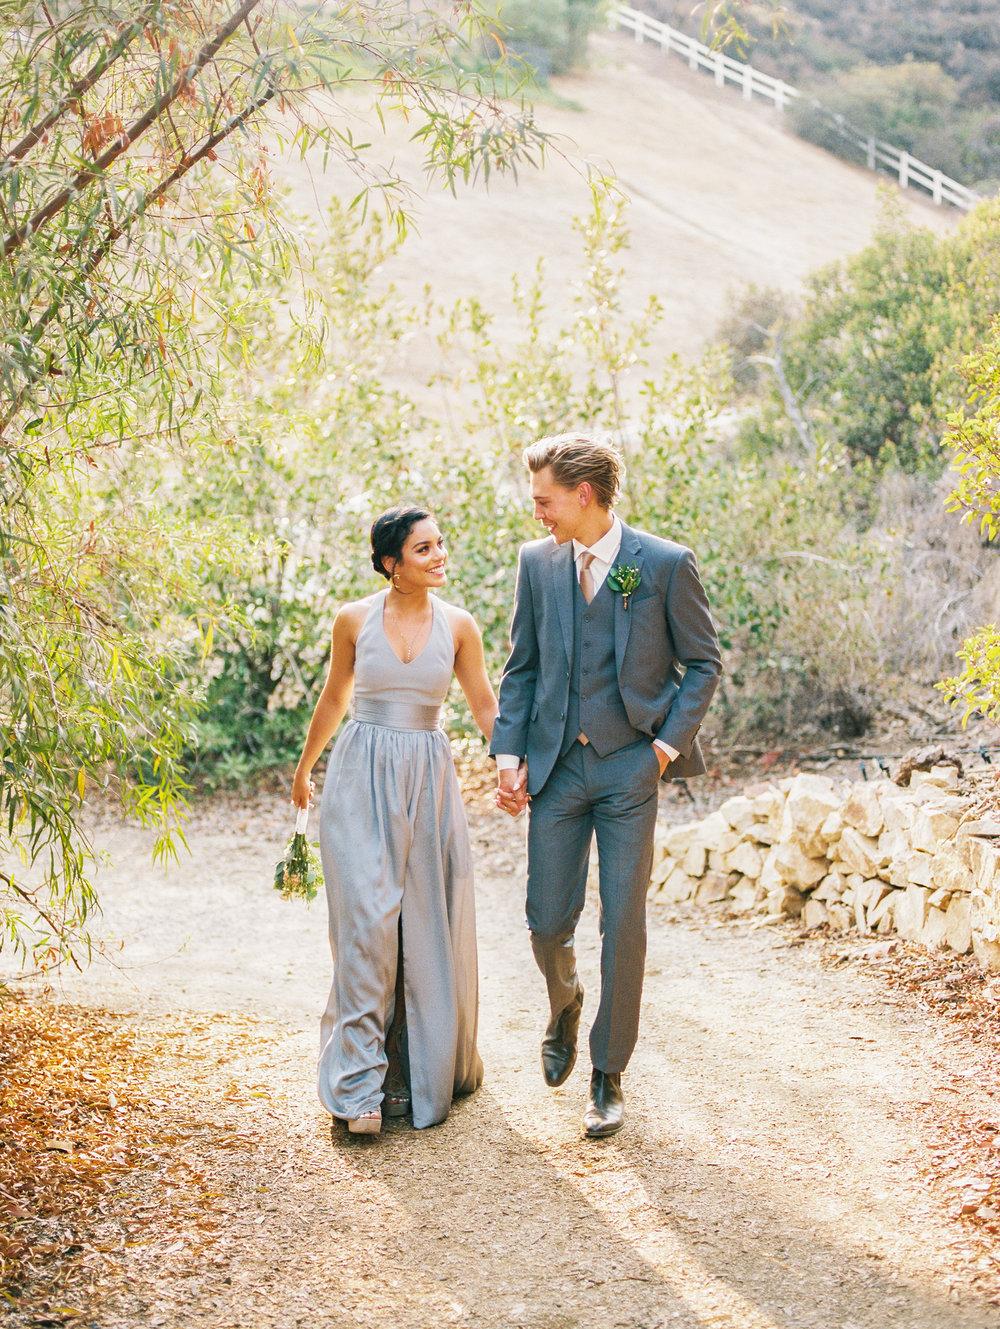 dennisroycoronel_ashleyanthony_vanessahudgens_austinbutler_wedding_losangeles_photographer-132.jpg